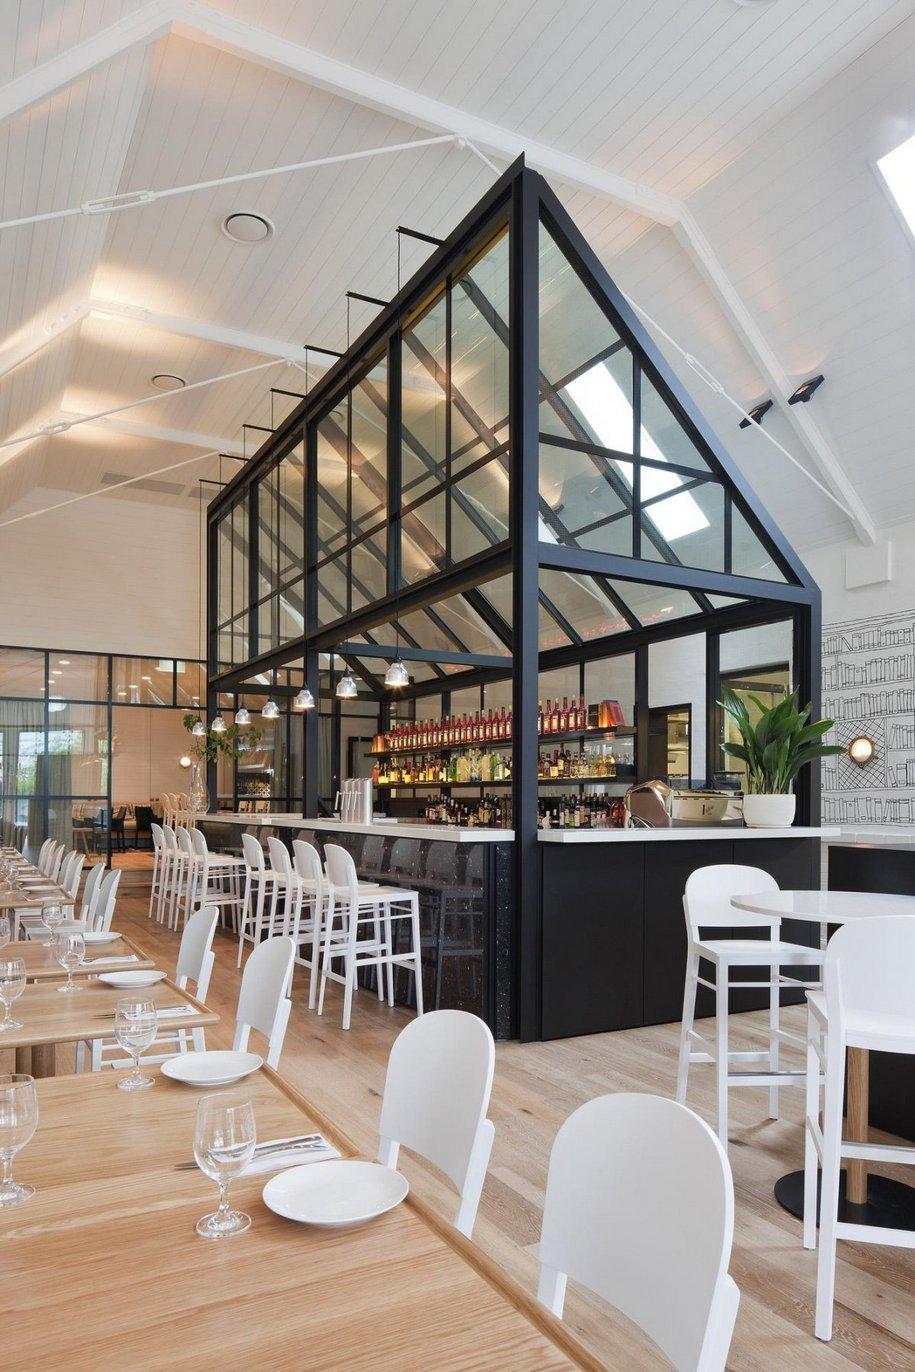 Ресторан The Old Library в Сиднее